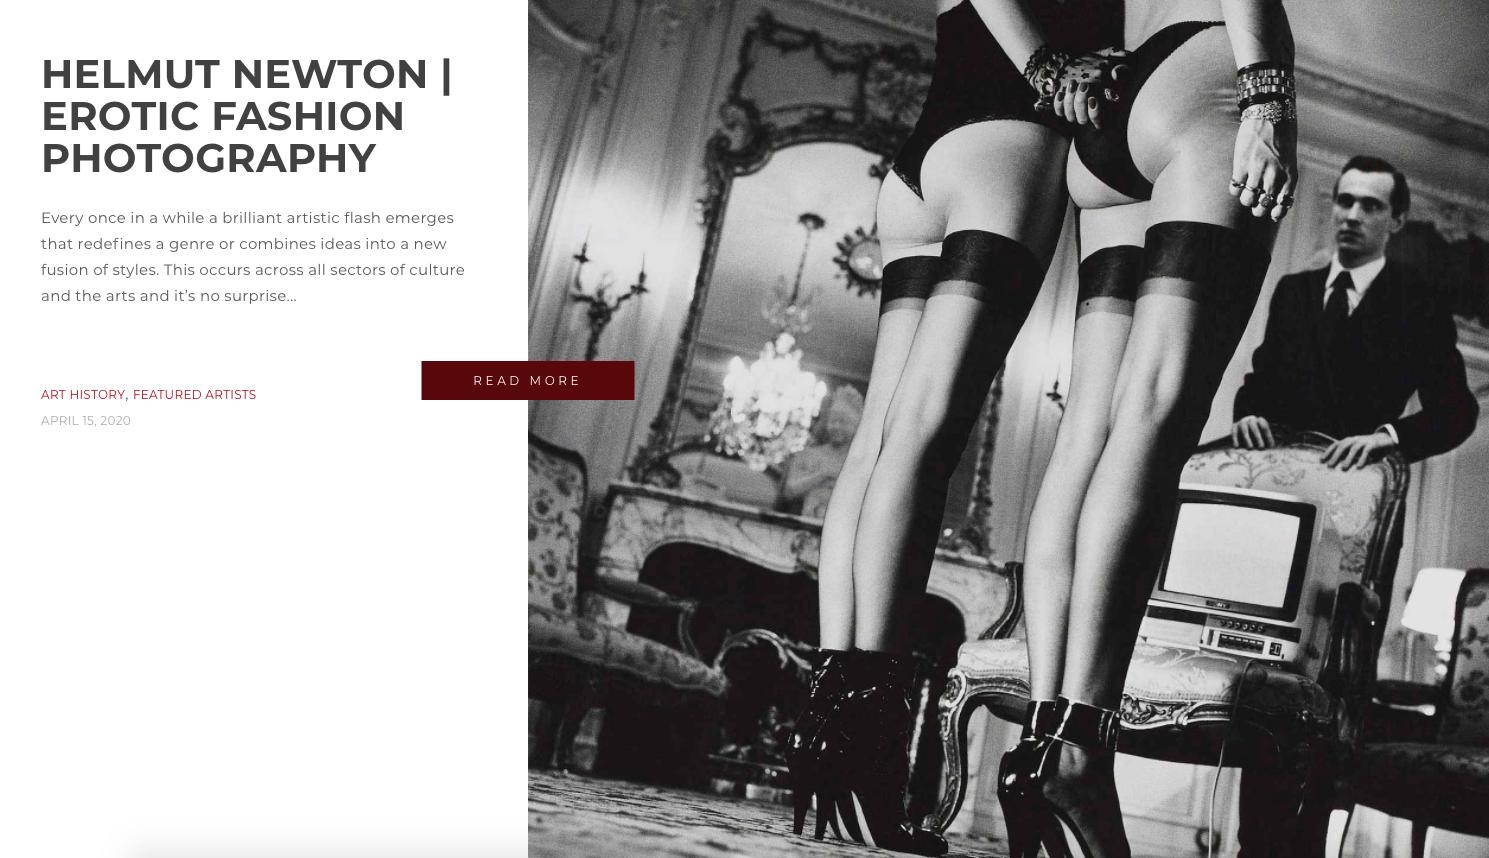 HELMUT NEWTON | EROTIC FASHION PHOTOGRAPHY